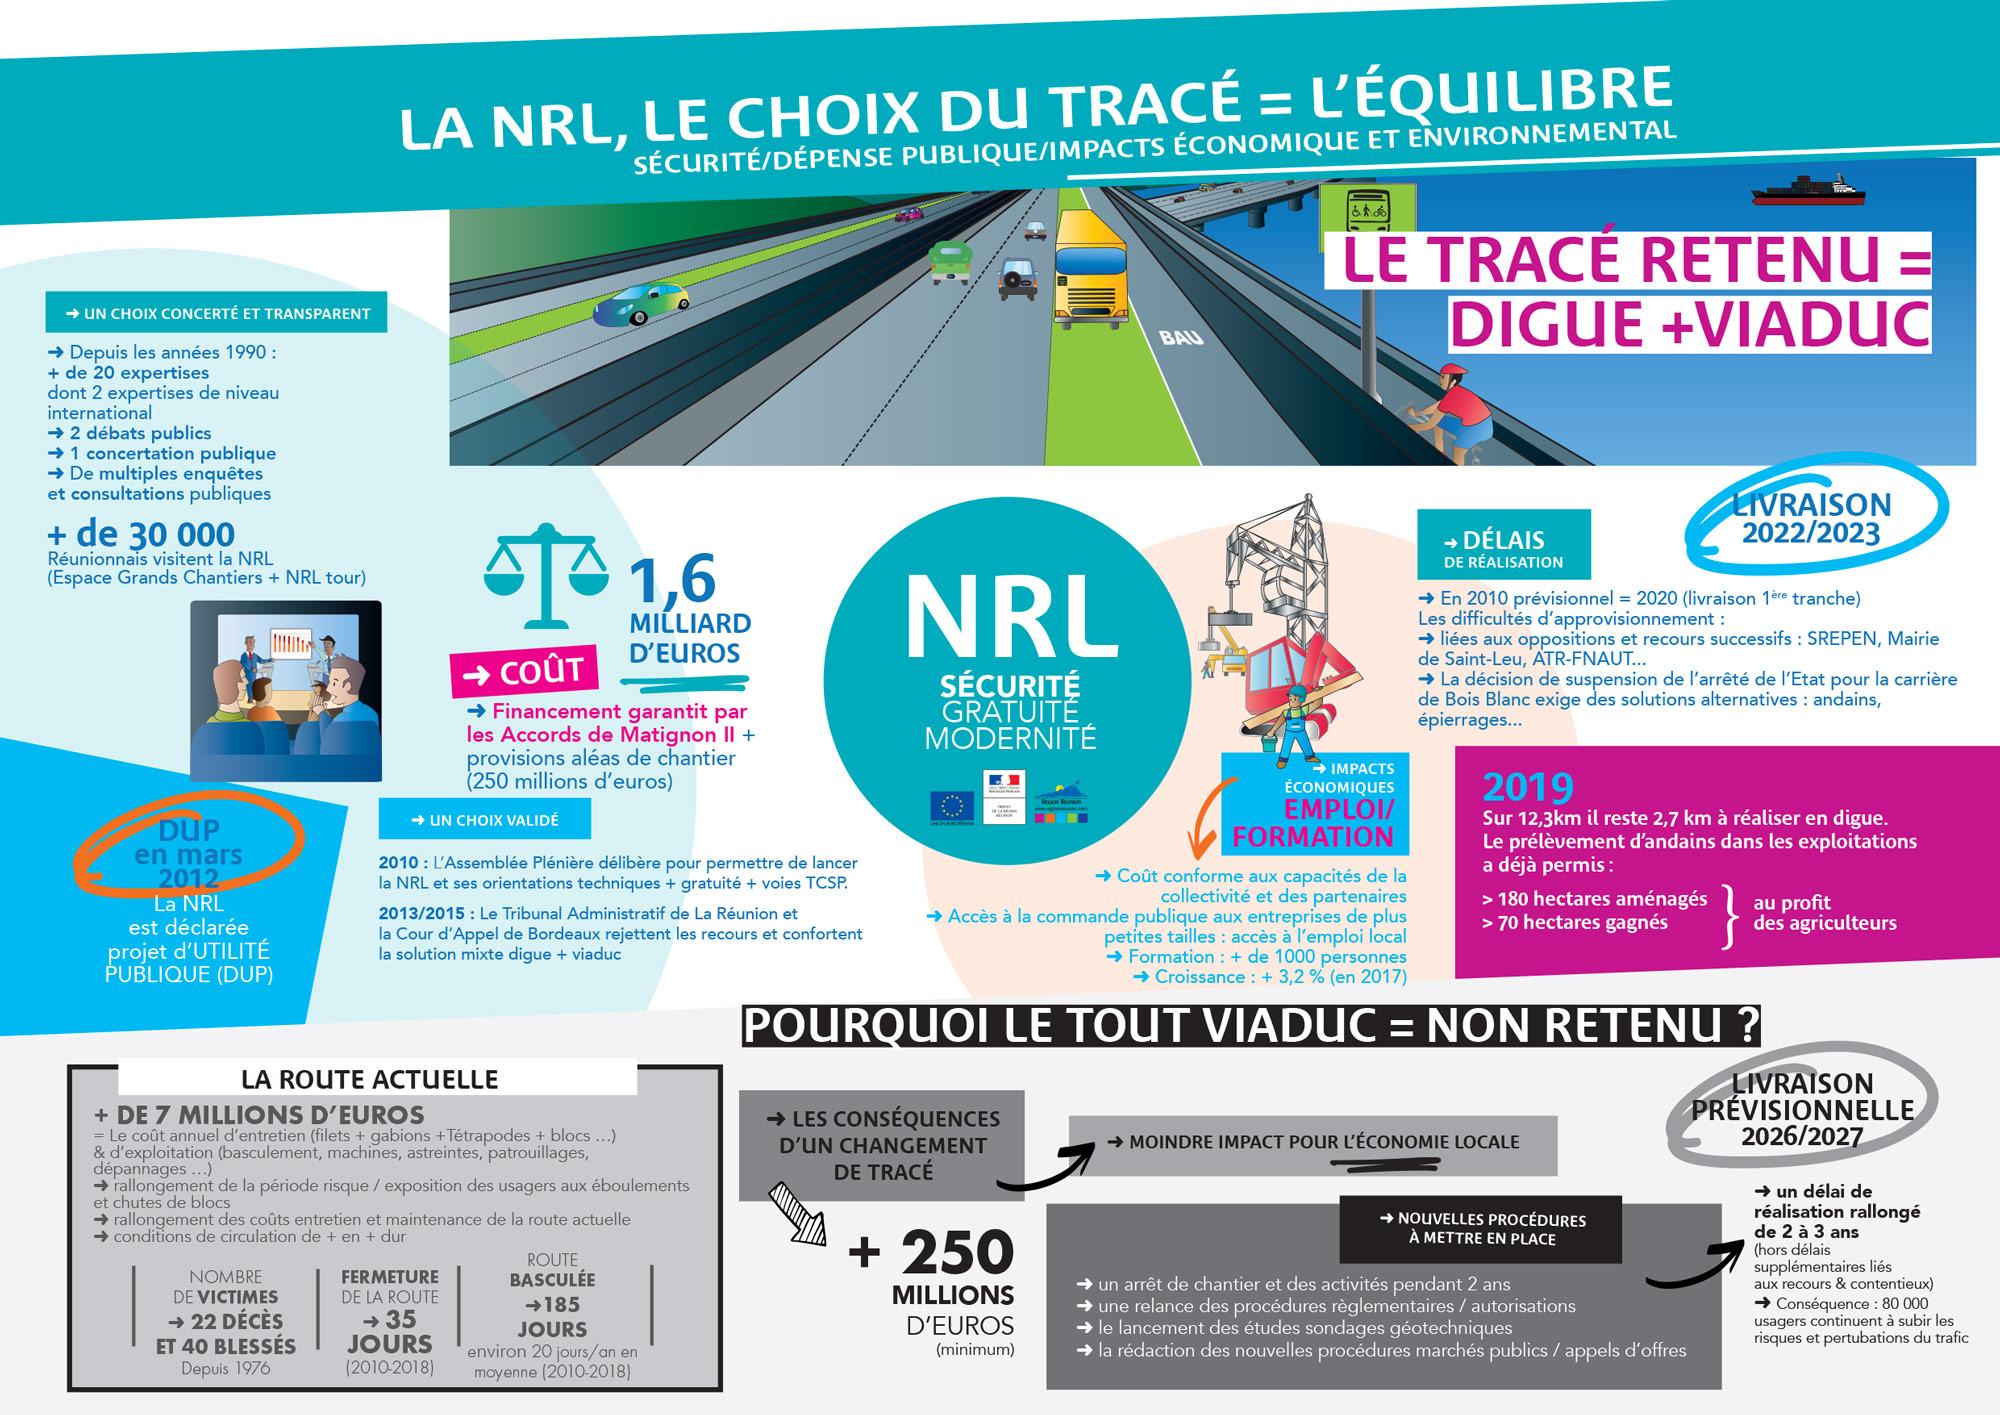 La NRL, le choix du tracé = l'Équilibre